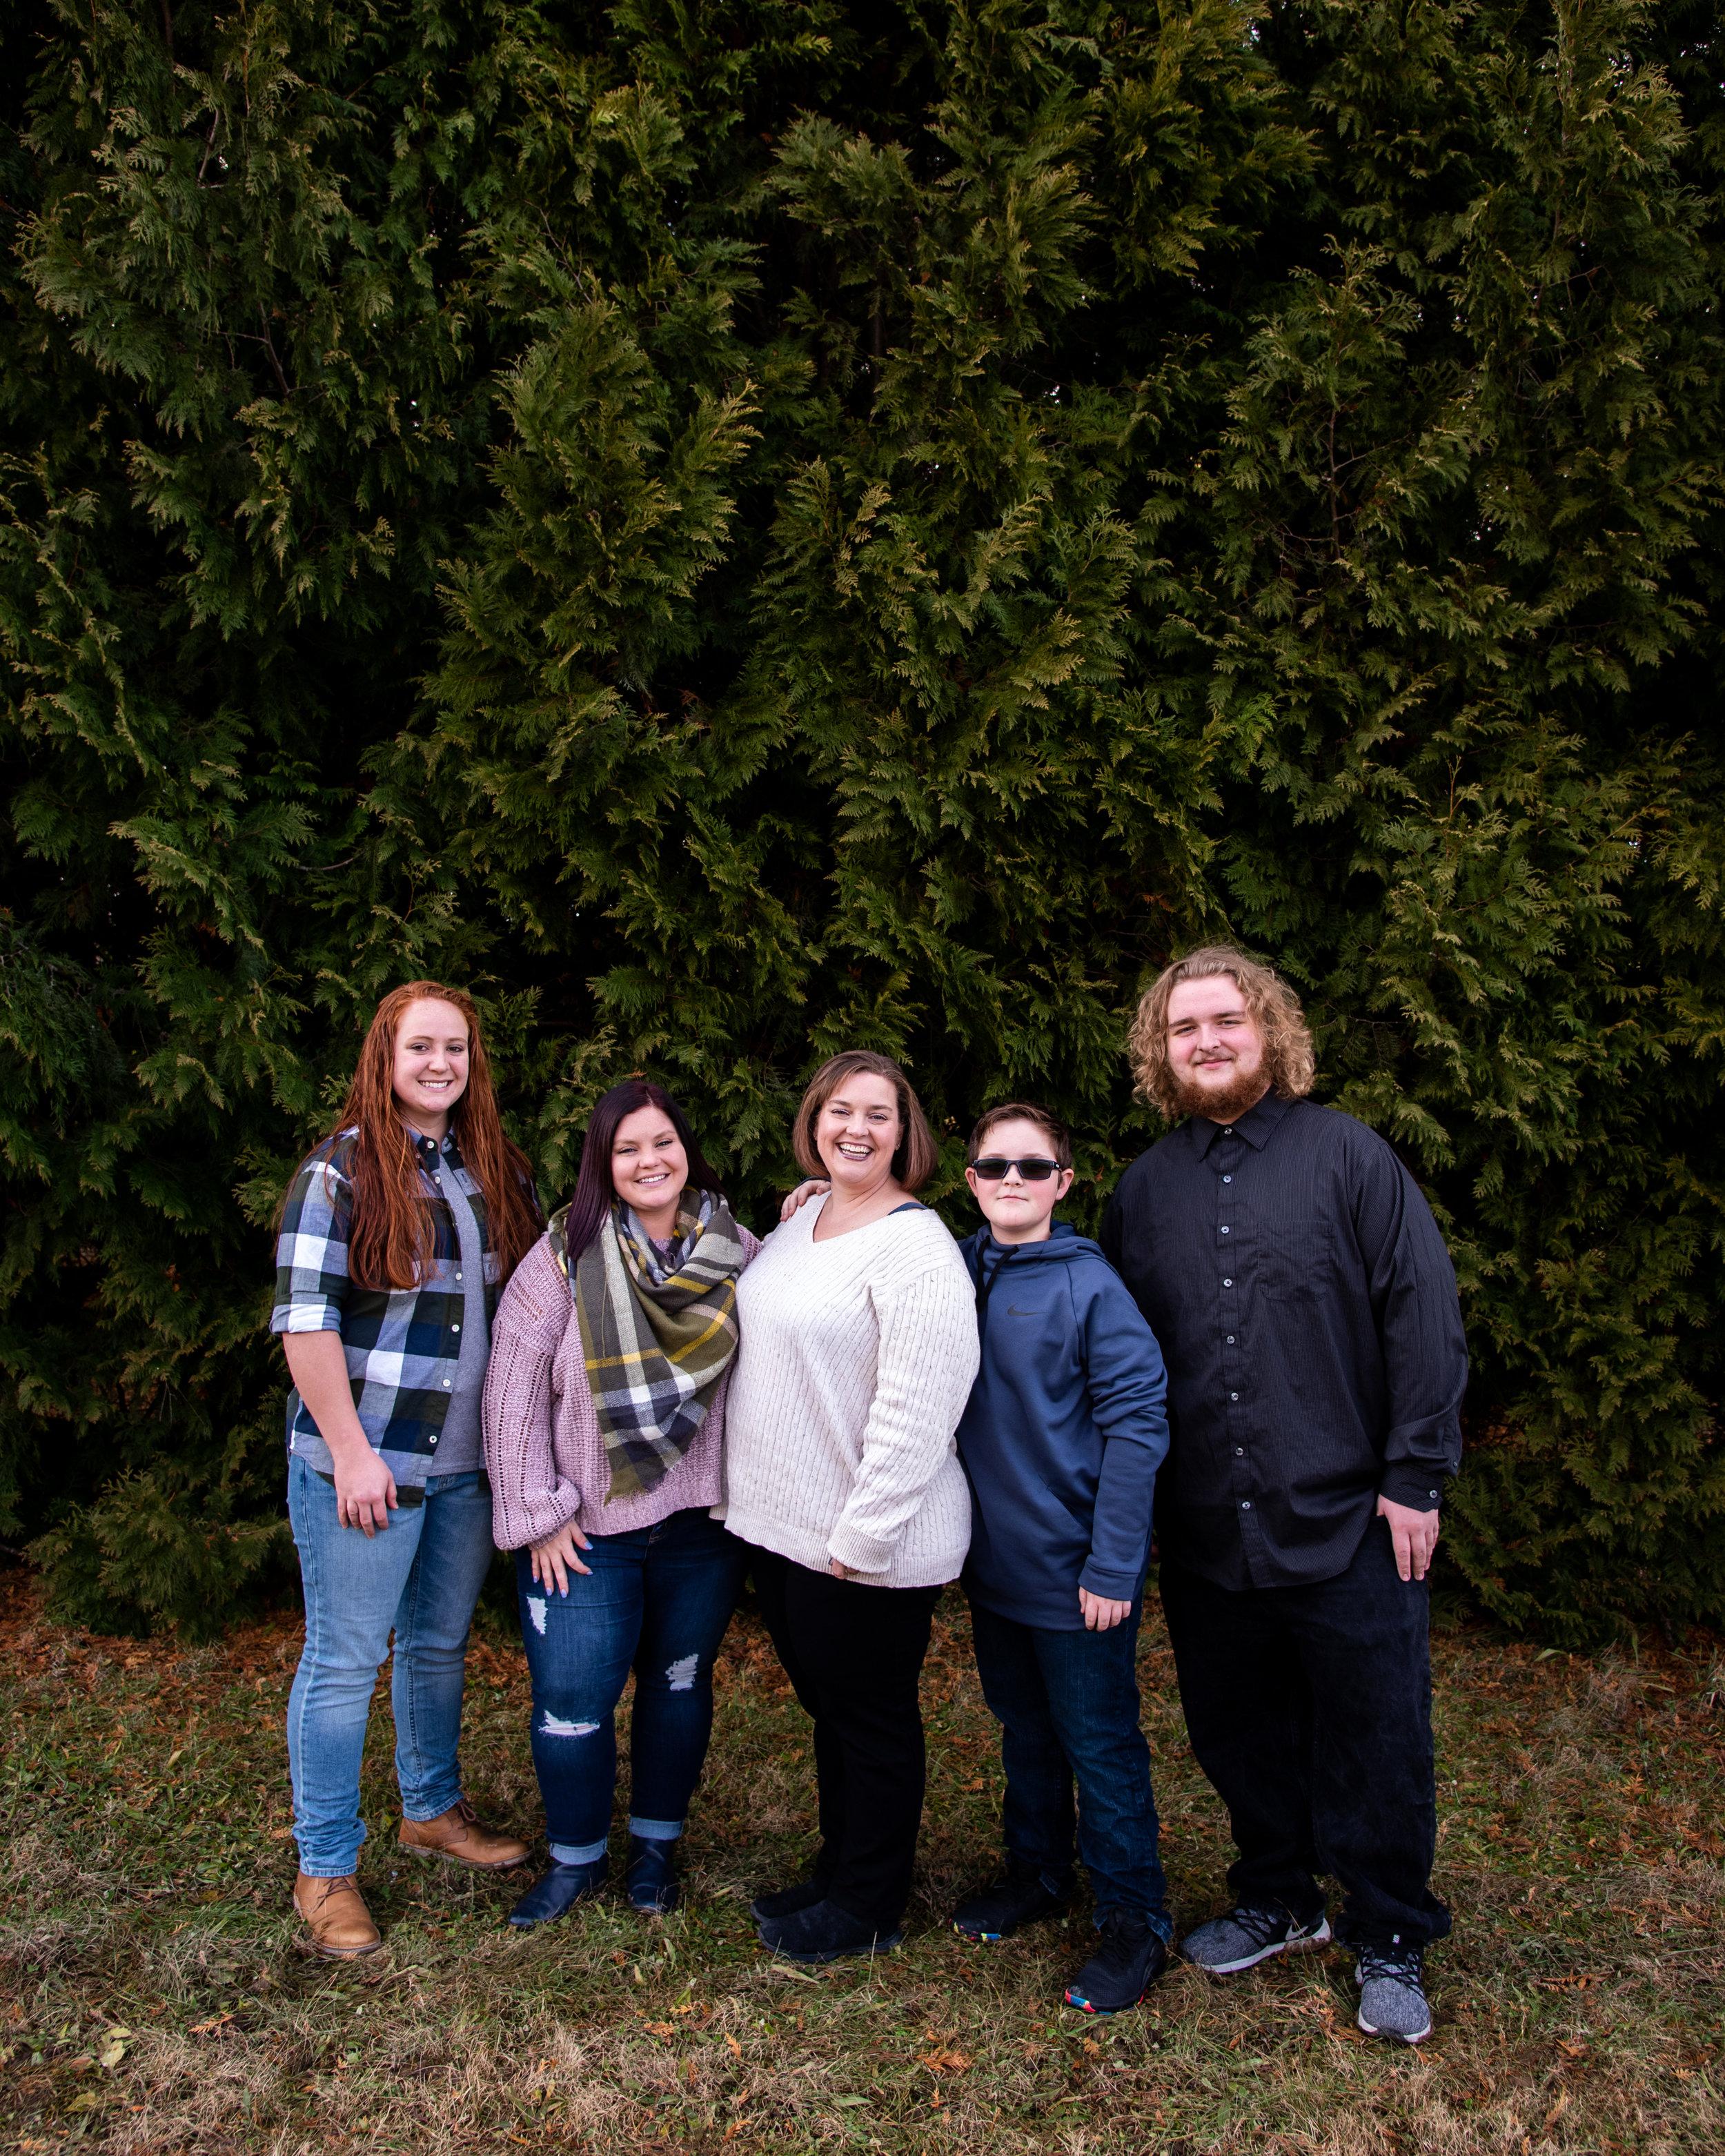 Kyla Jo Photography // Muncie Indiana Photographer // Family Photos // Whitetail Tree Farm